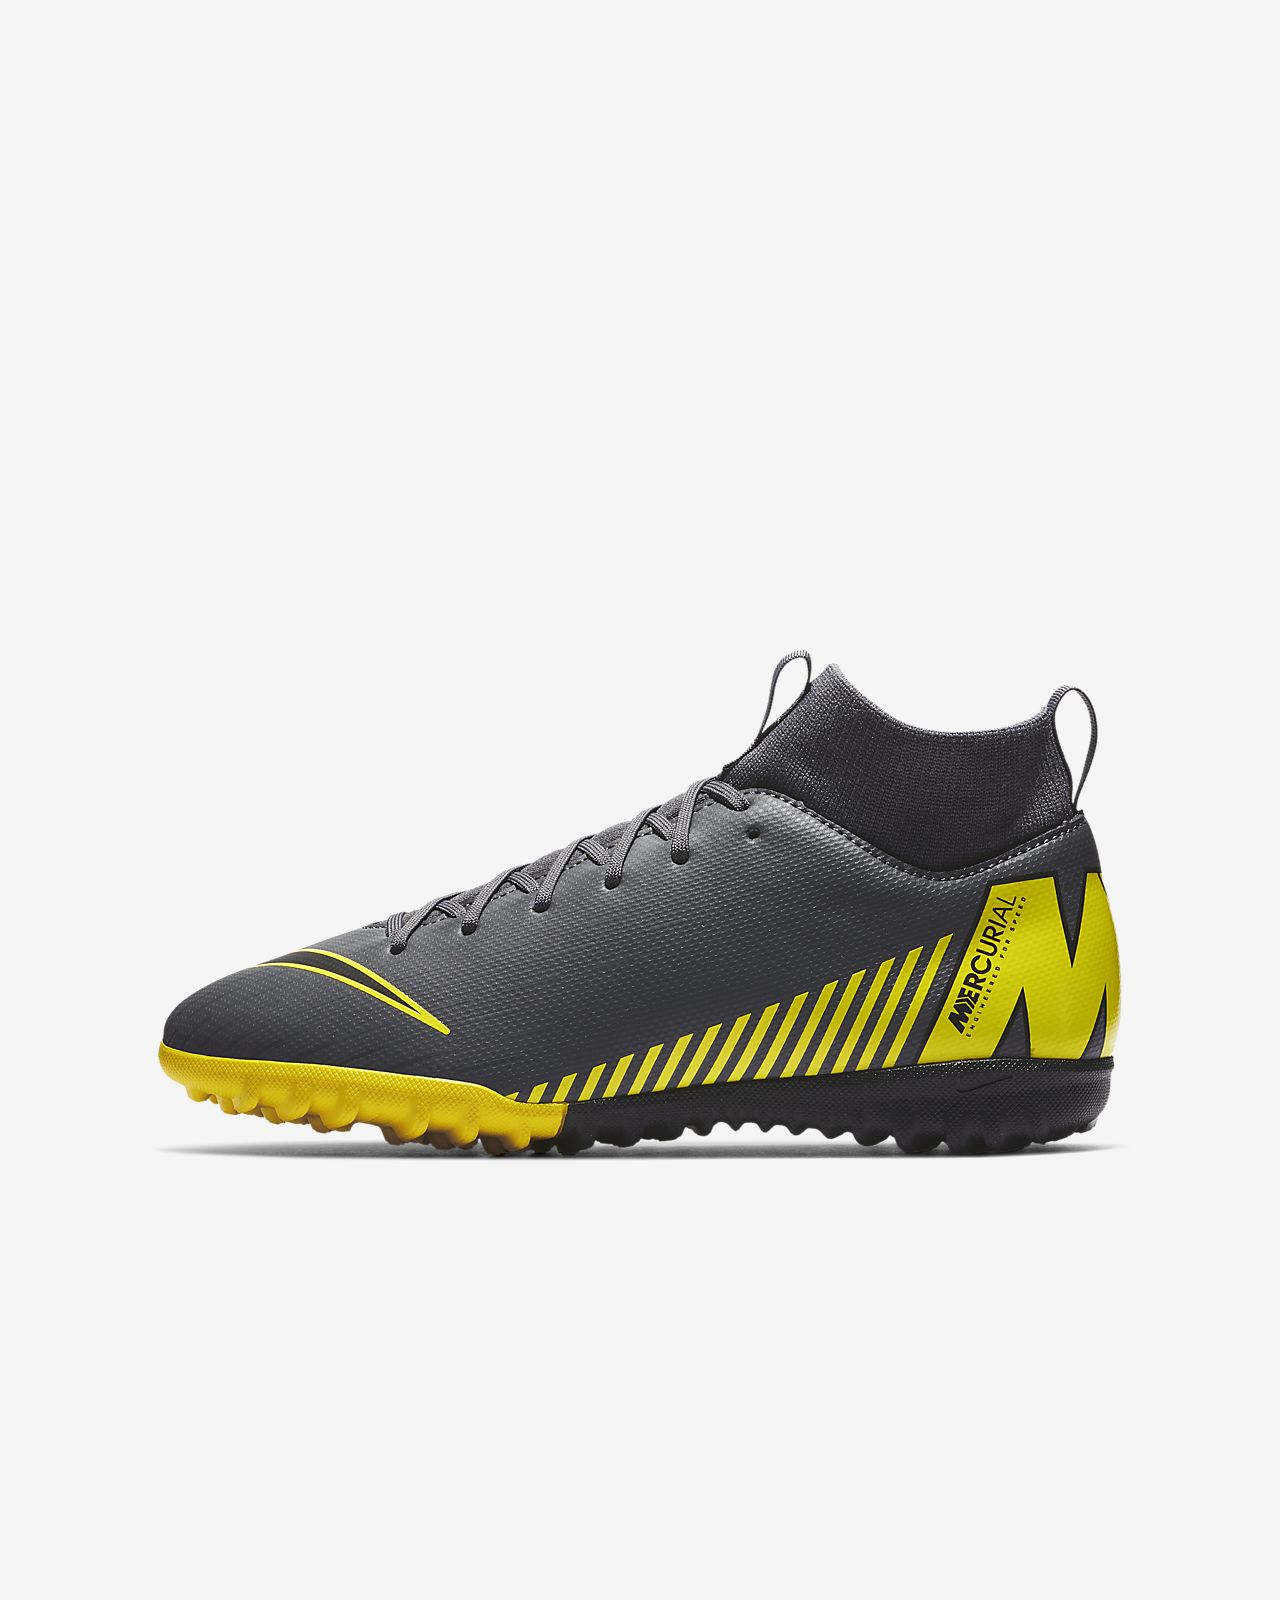 Nike Jr. SuperflyX 6 Academy TF műfűre készült futballcipő gyerekeknek/nagyobb gyerekeknek